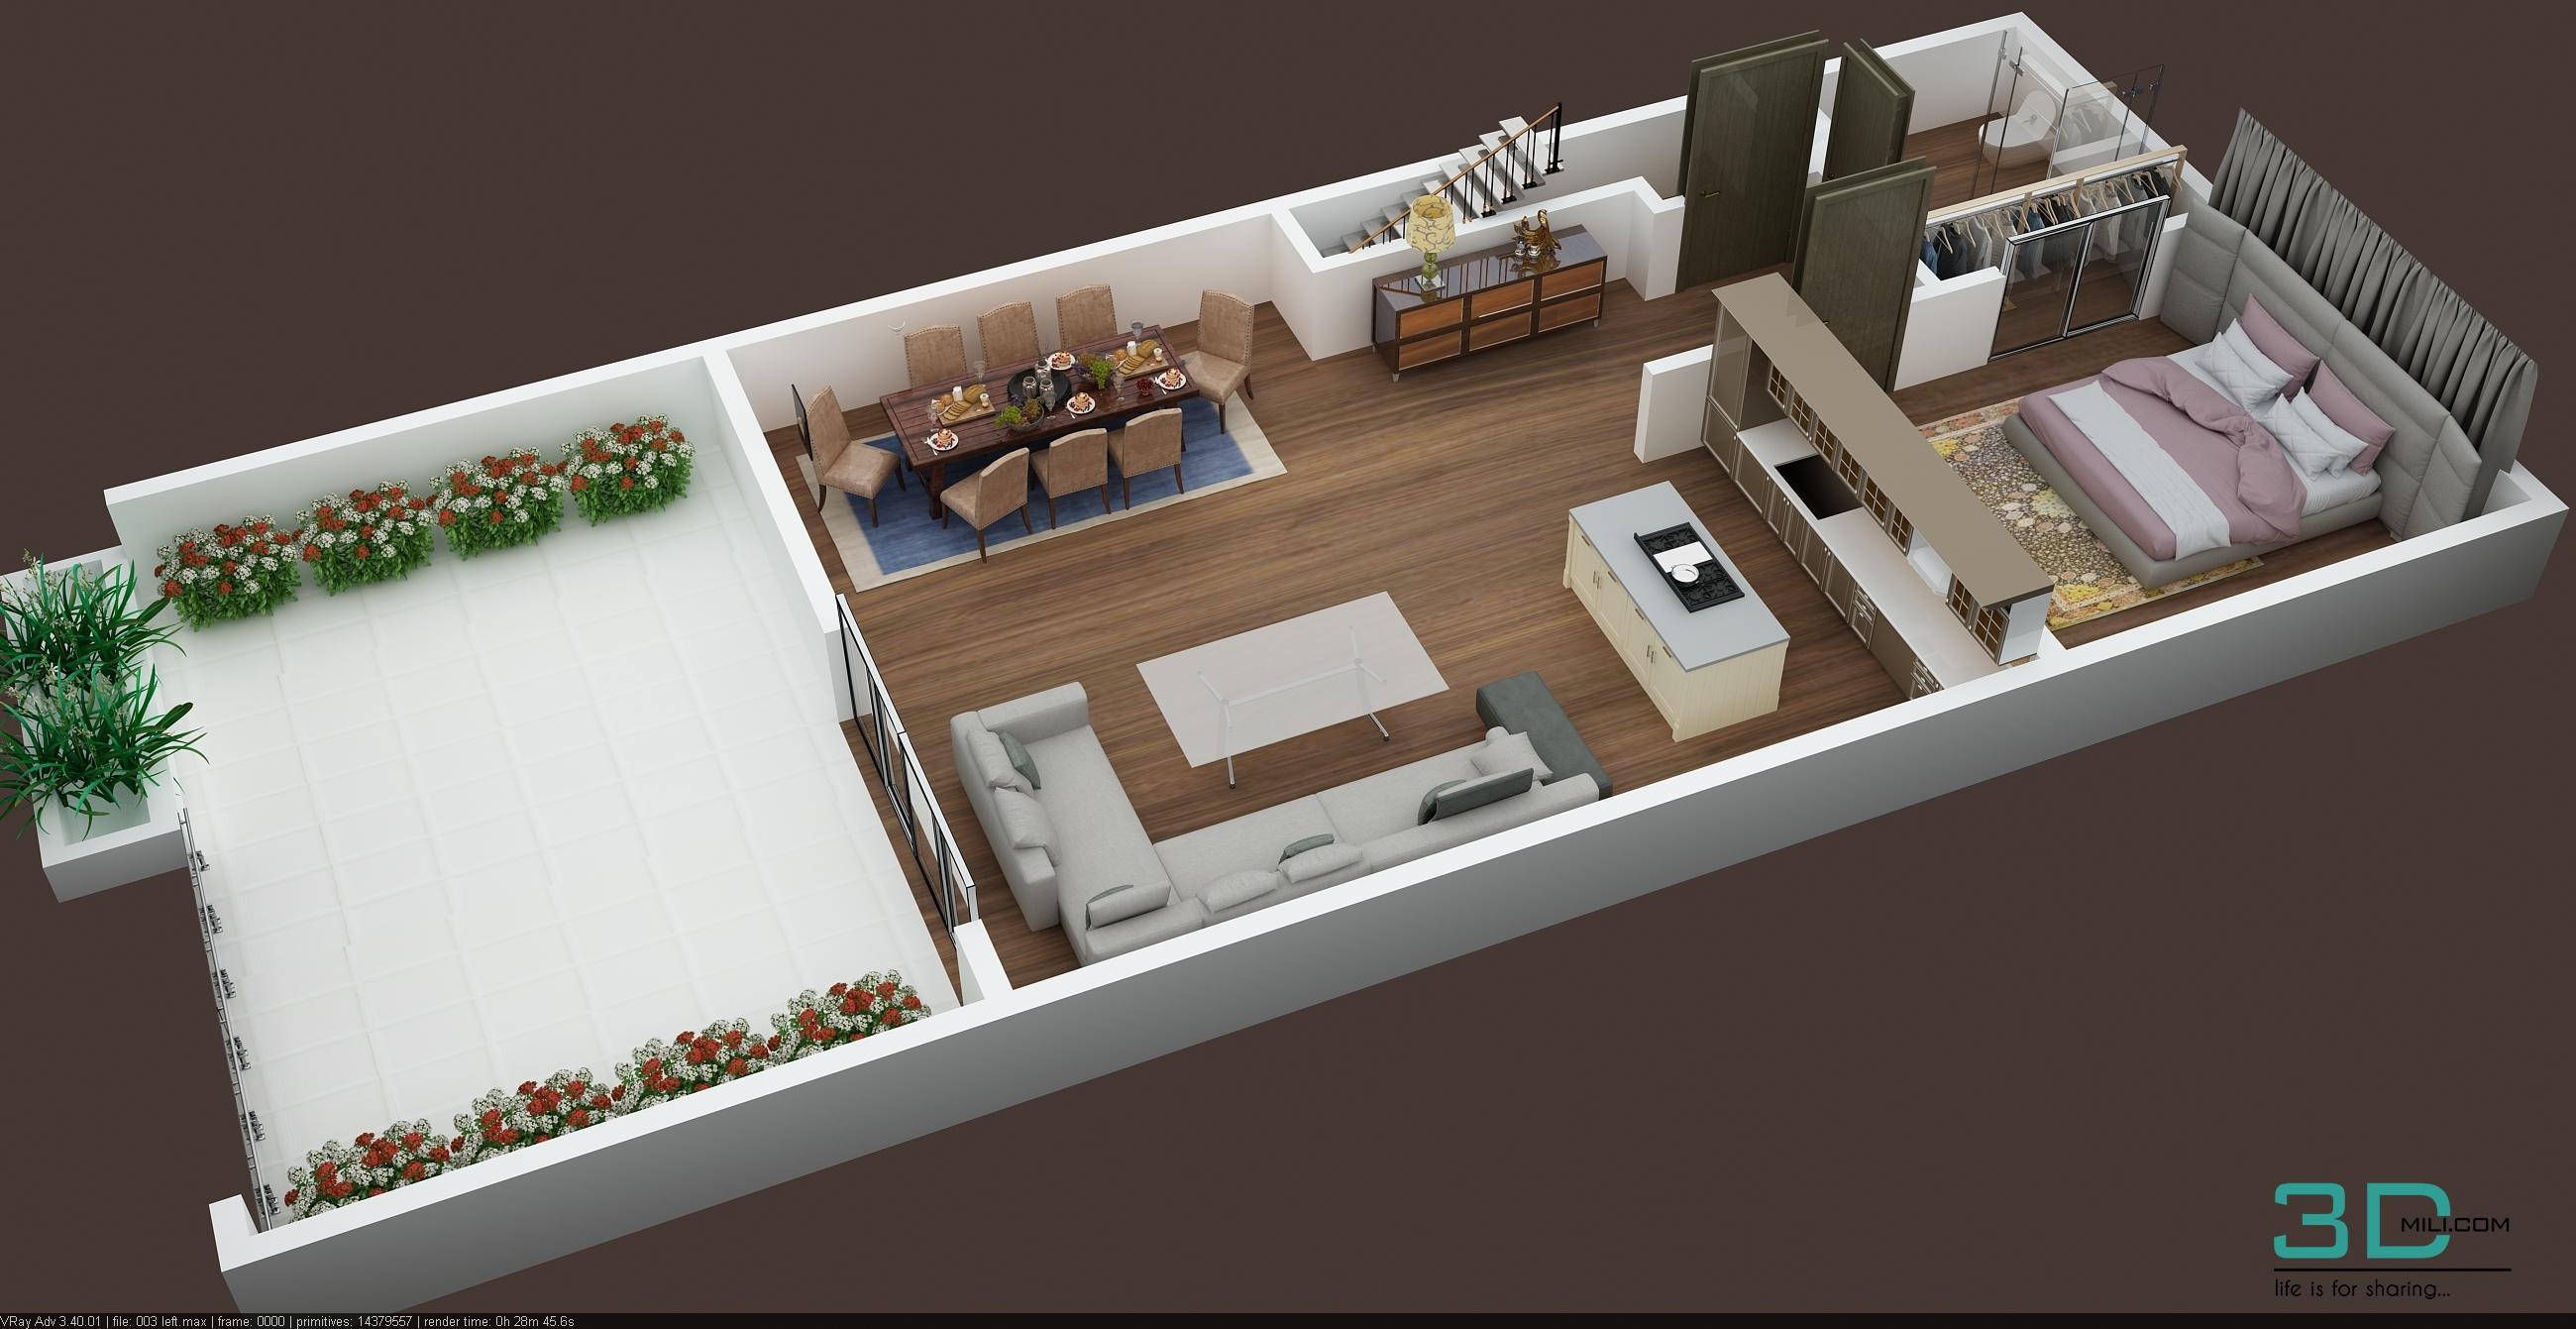 3d Floor Plan Of Commercial Building 2nd Floor 3d Mili